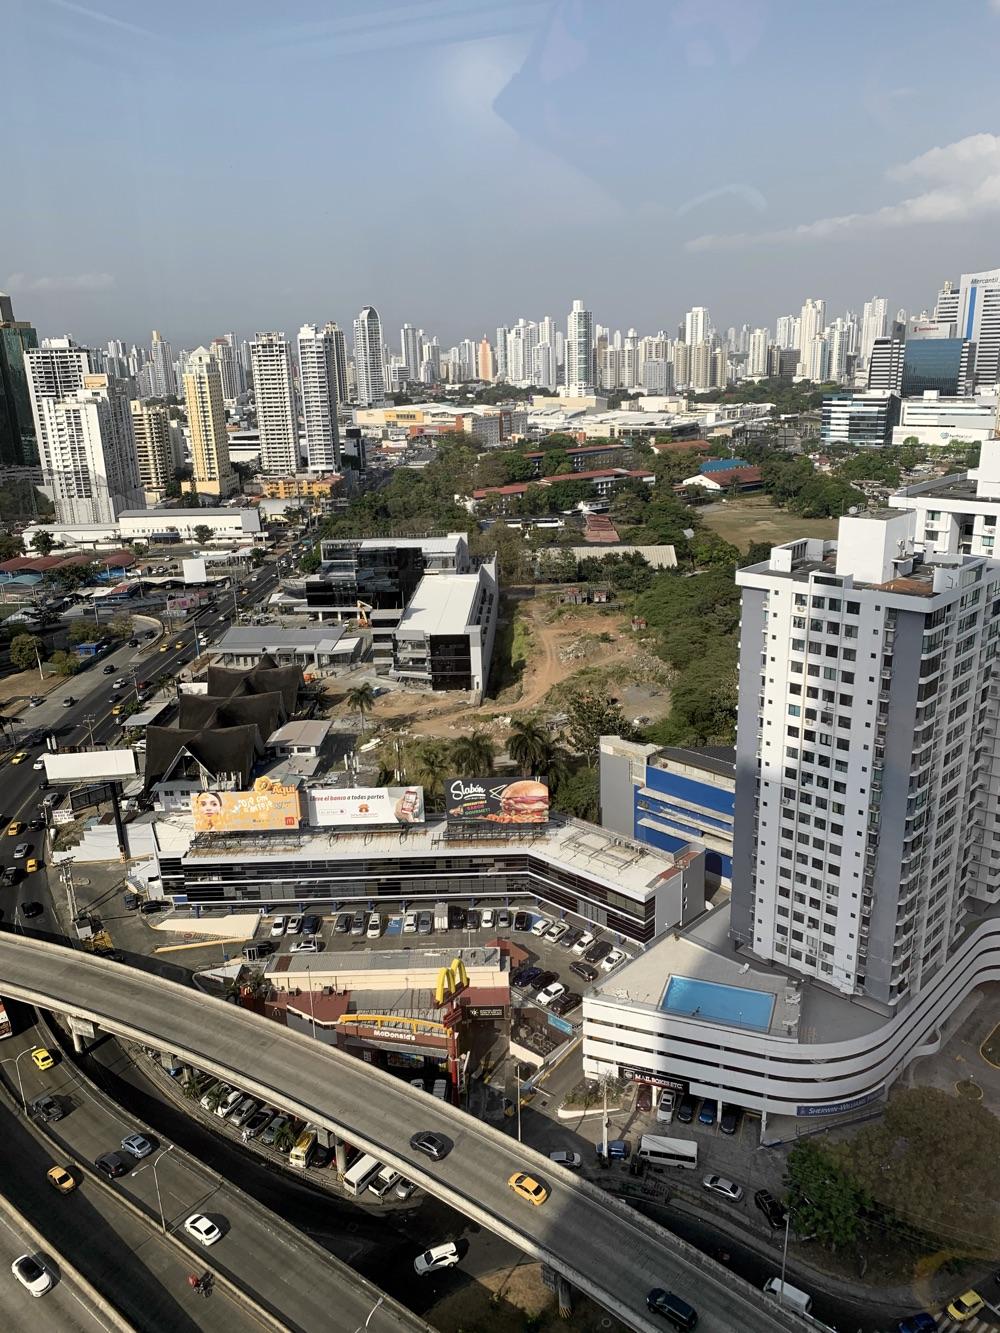 Sim City Panama City